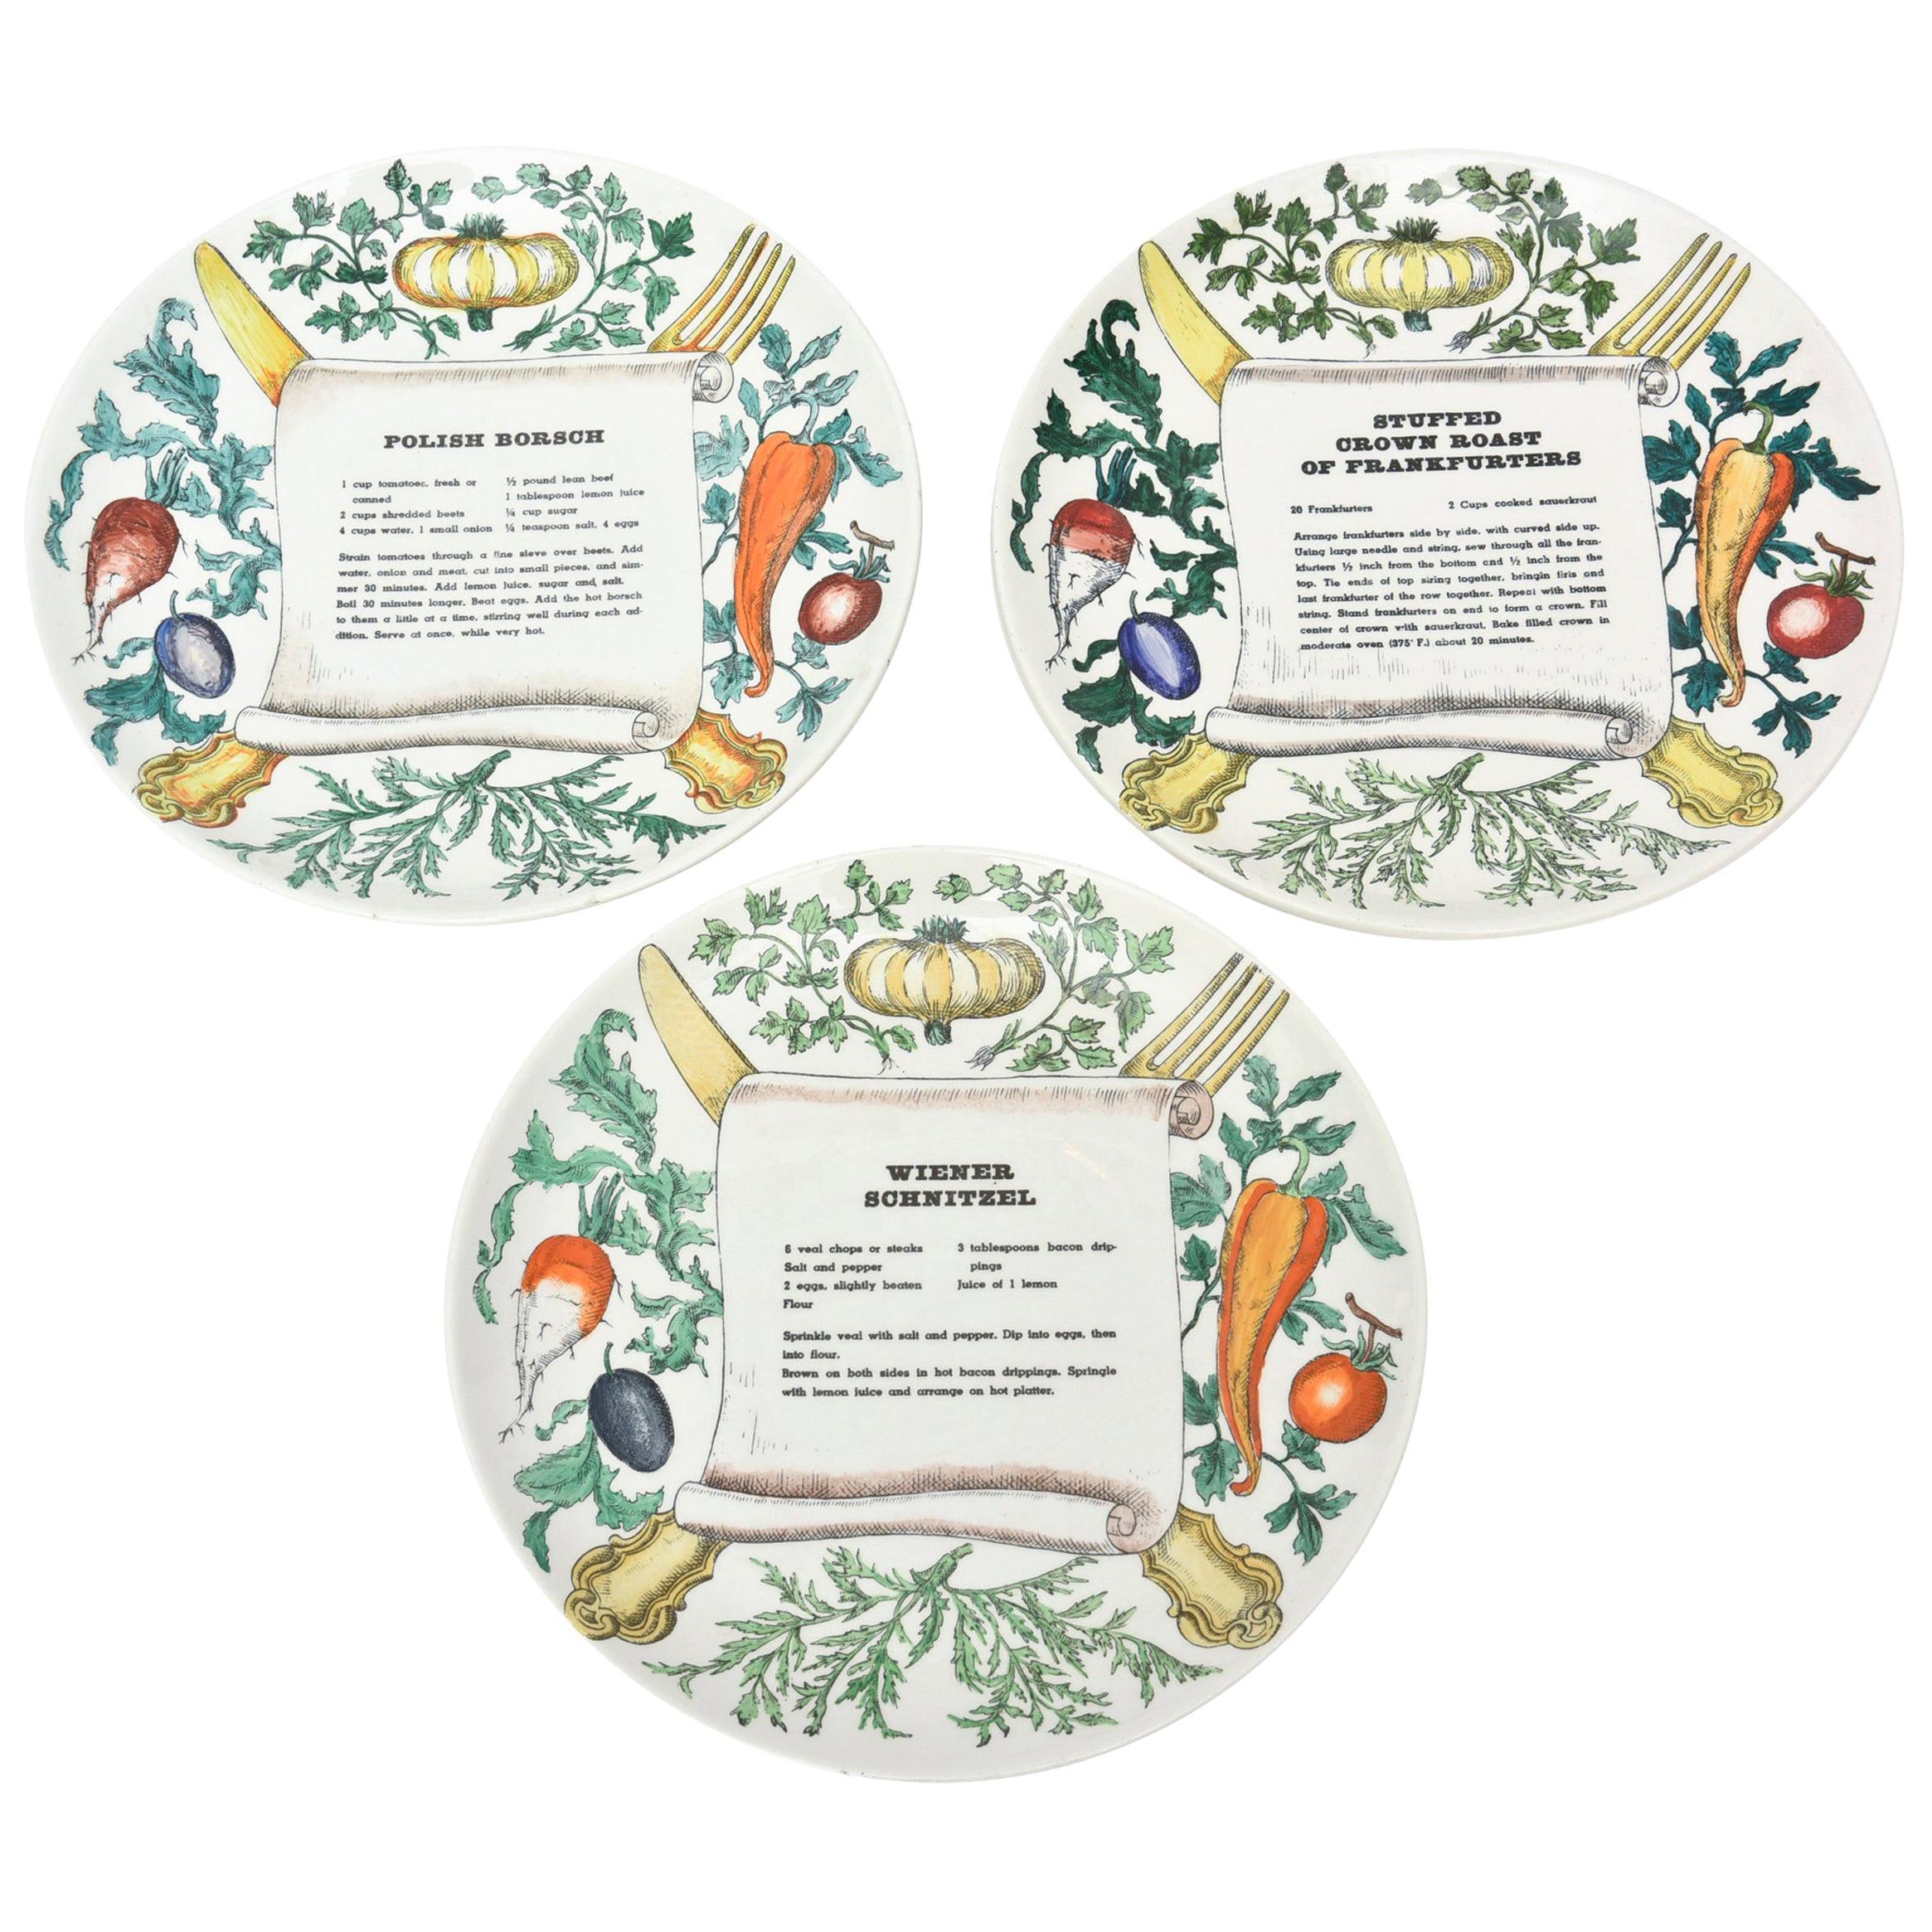 Barnaba Fornasetti Porcelain Calendar Plate 2014, Number 495 of 700 Made